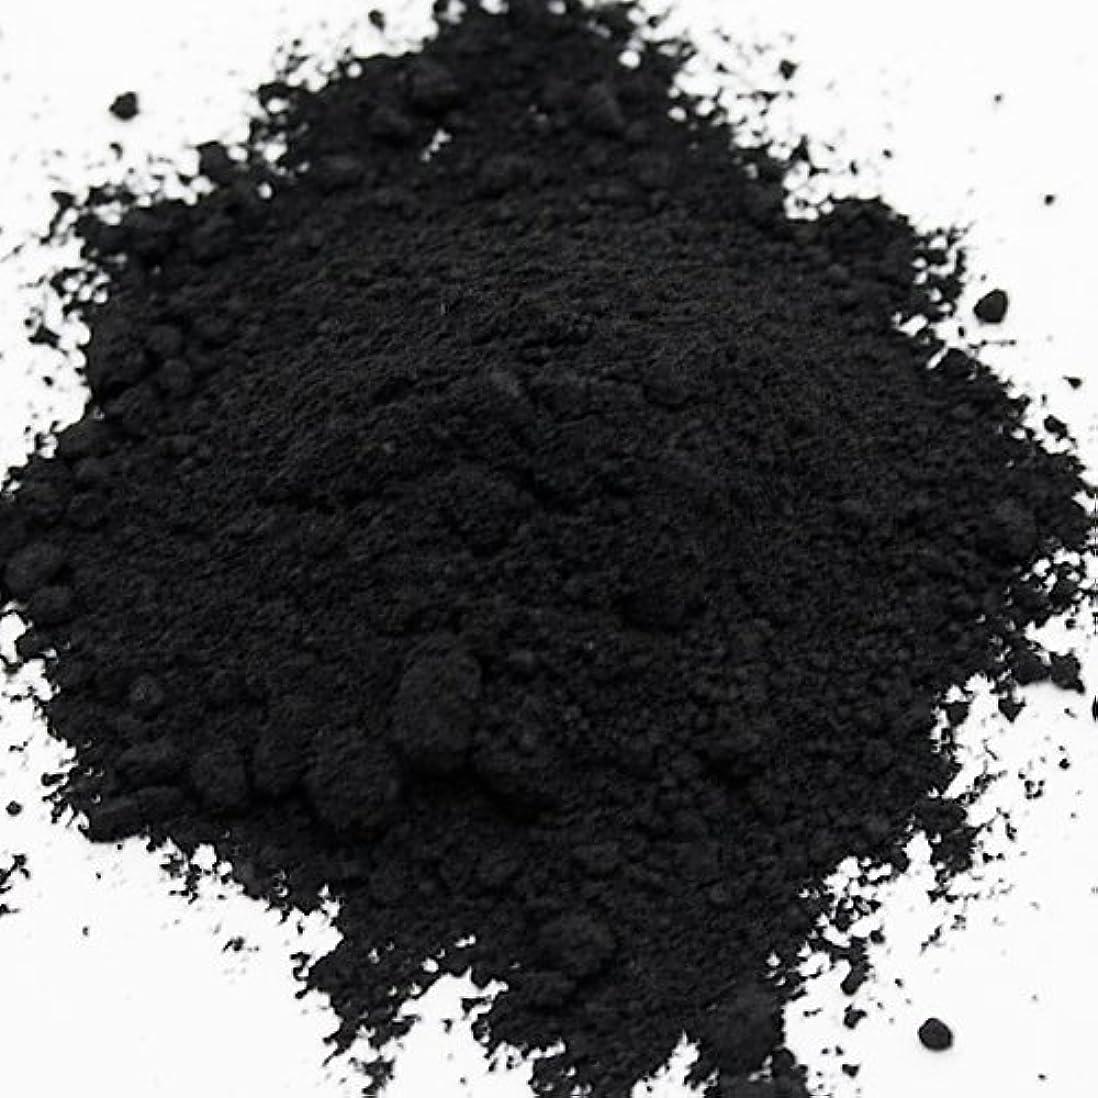 タックル味方ペフ酸化鉄 ブラック 5g 【手作り石鹸/手作りコスメ/色付け/カラーラント/黒】